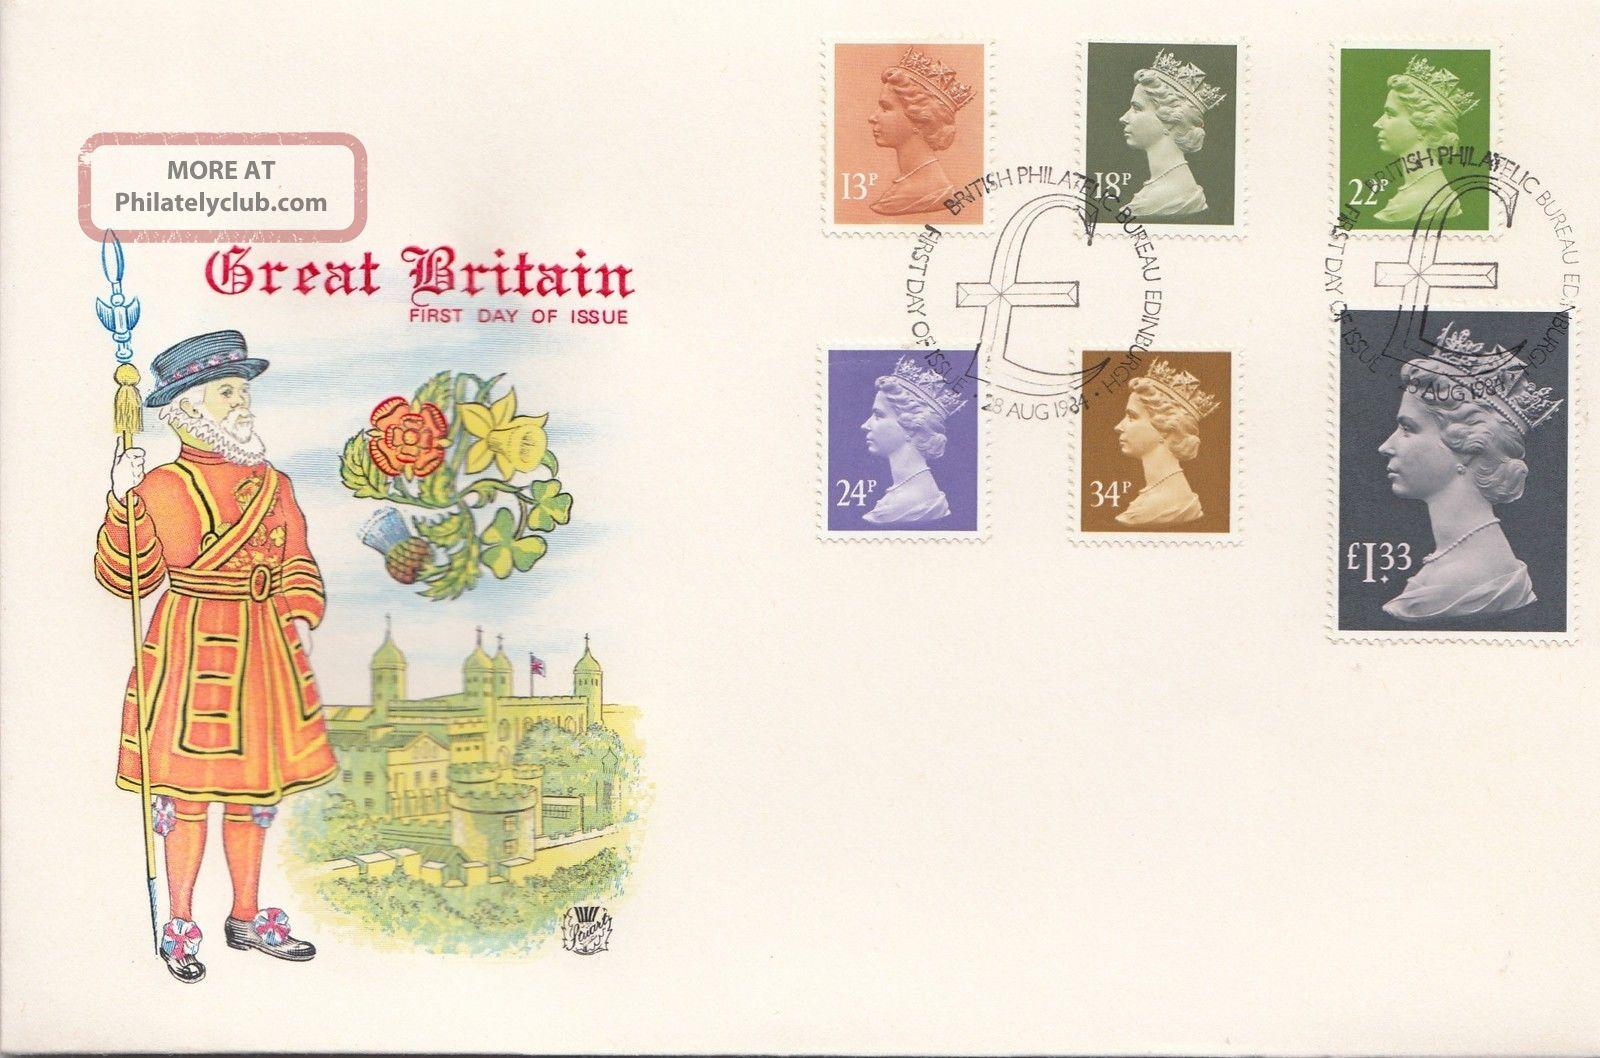 (25931) Gb Stuart Fdc £1.  33 34p 24p 22p 18p 13p - Bureau 28 Aug 1984 1971-Now photo